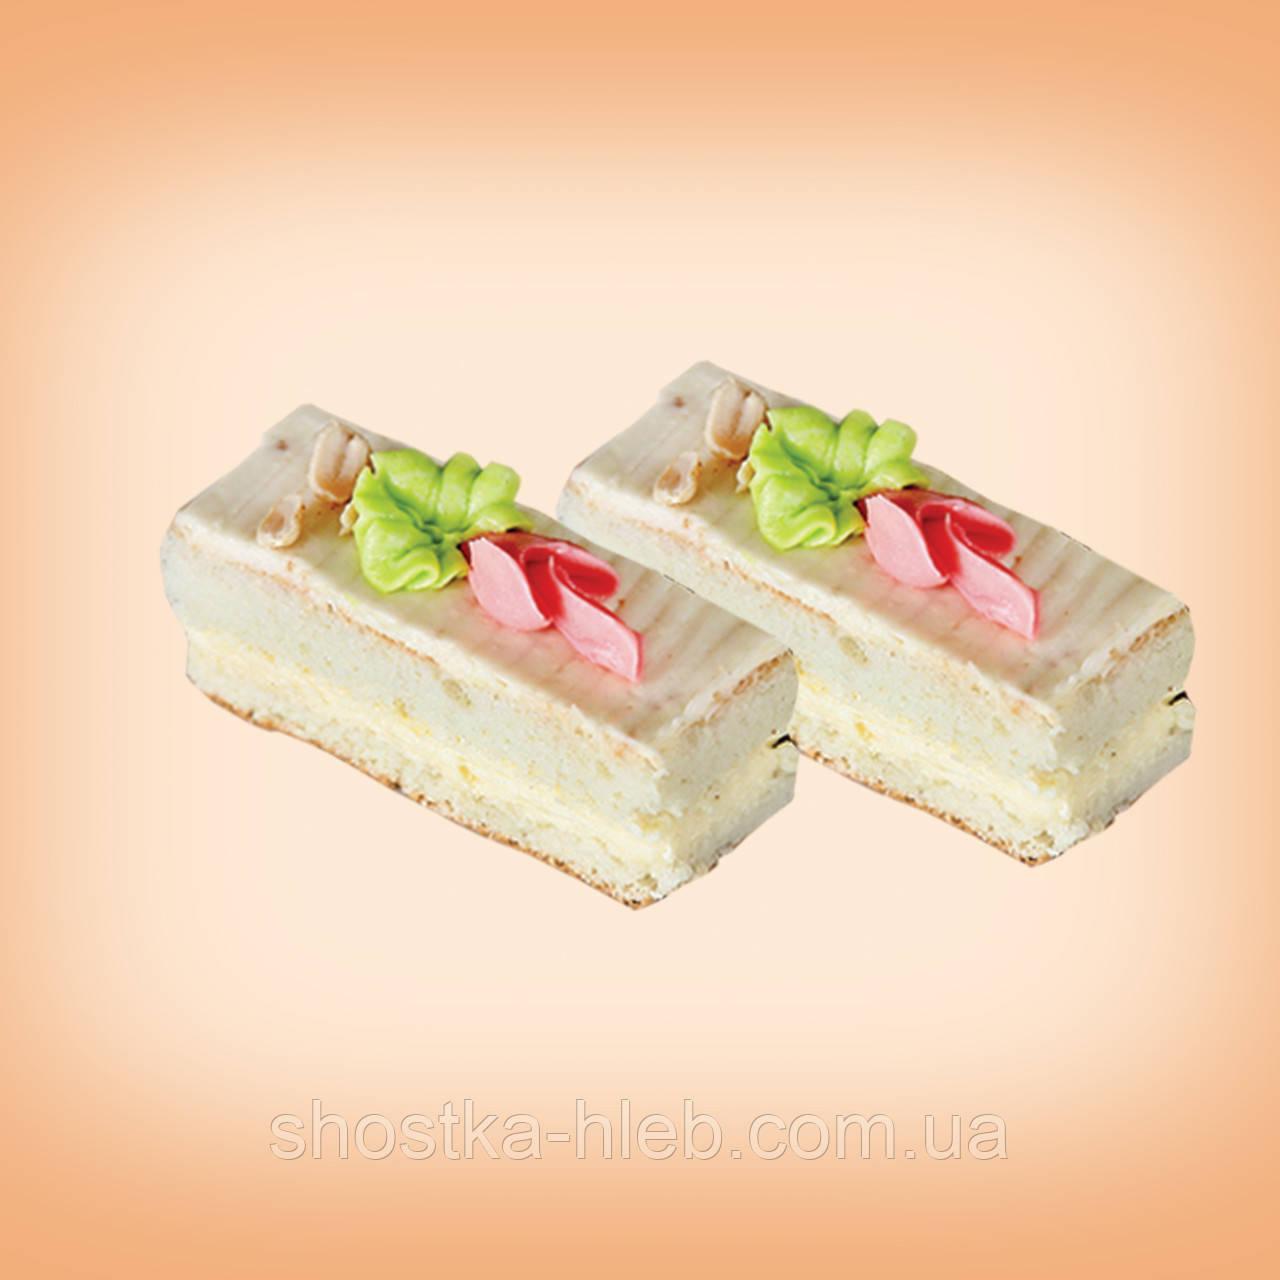 """Пирожное """"Бисквитное"""" с ореховым кремом"""